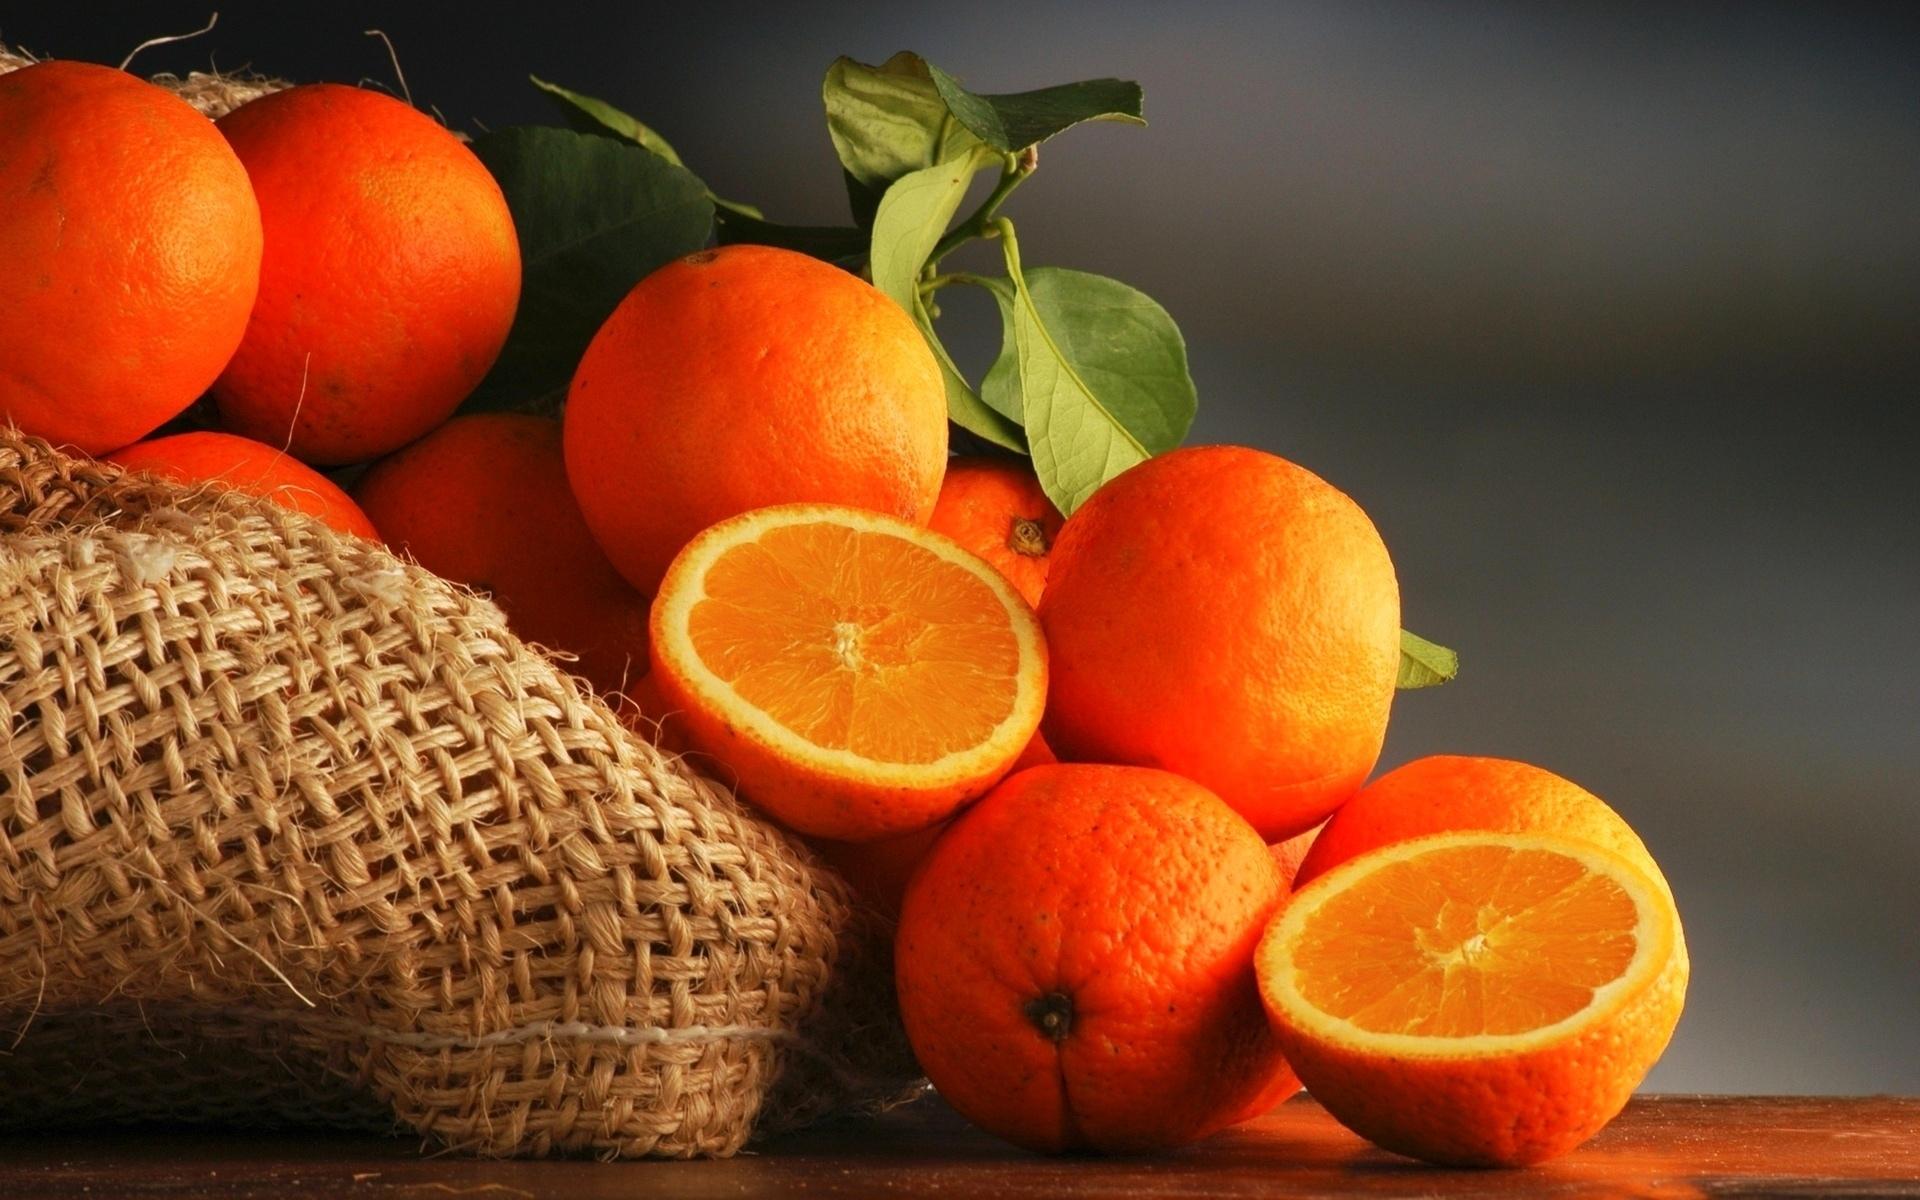 Девушка под апельсиновым деревом бесплатно